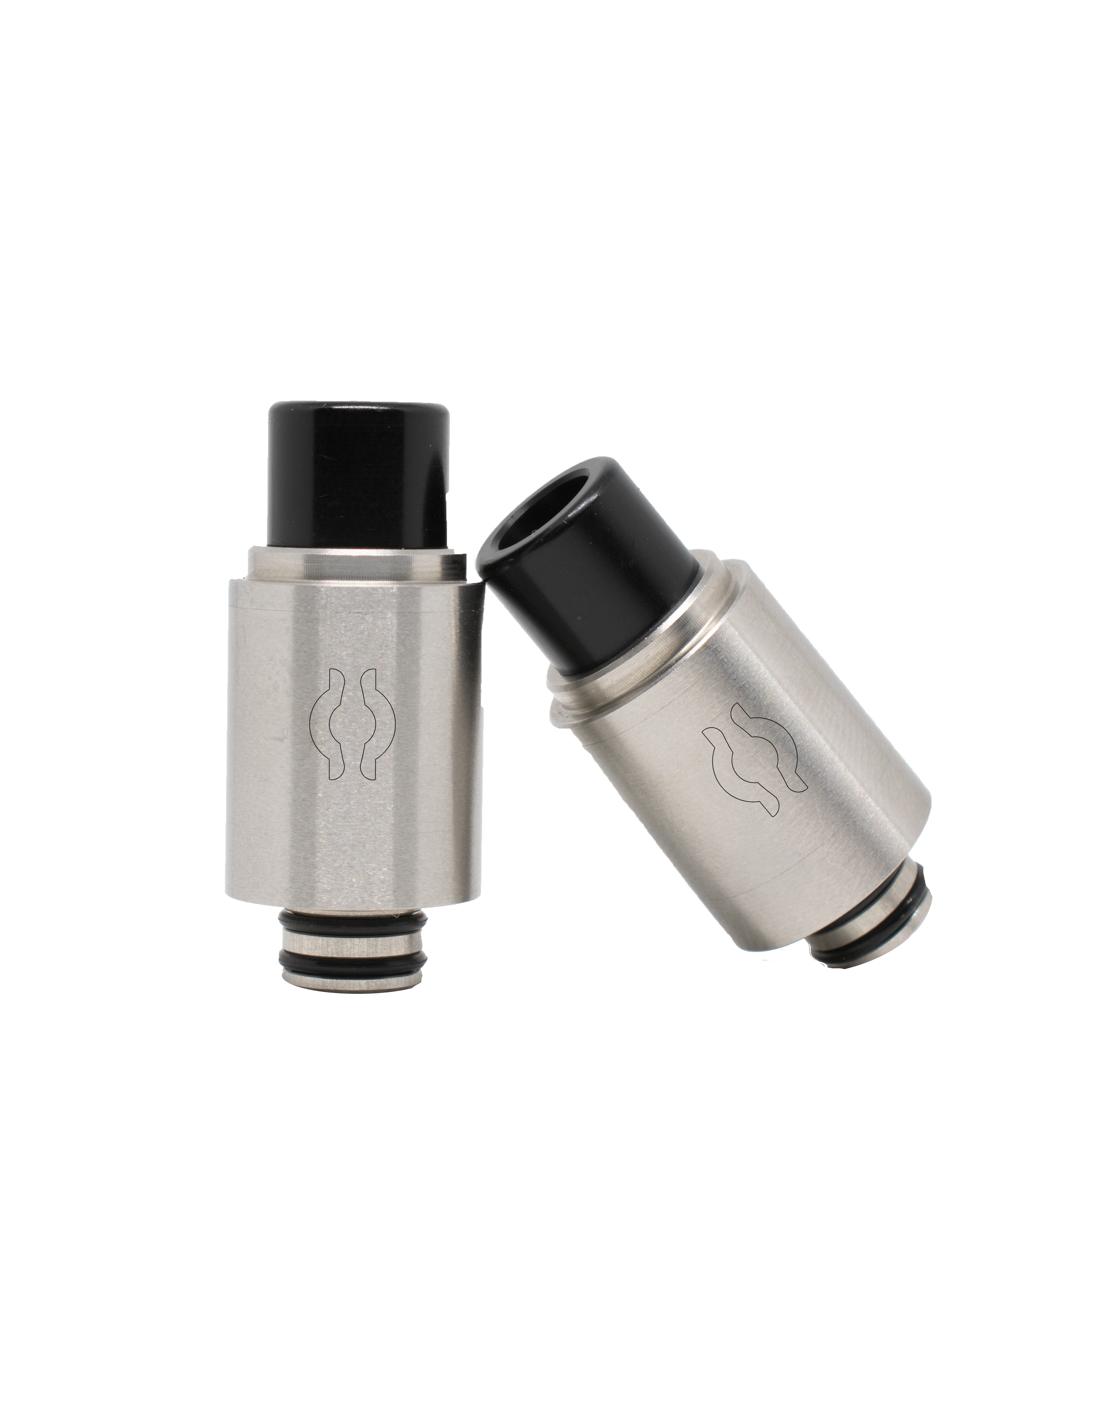 Convex Vape Atomizzatore Per Trinciati Universale Per Sigarette Elettroniche